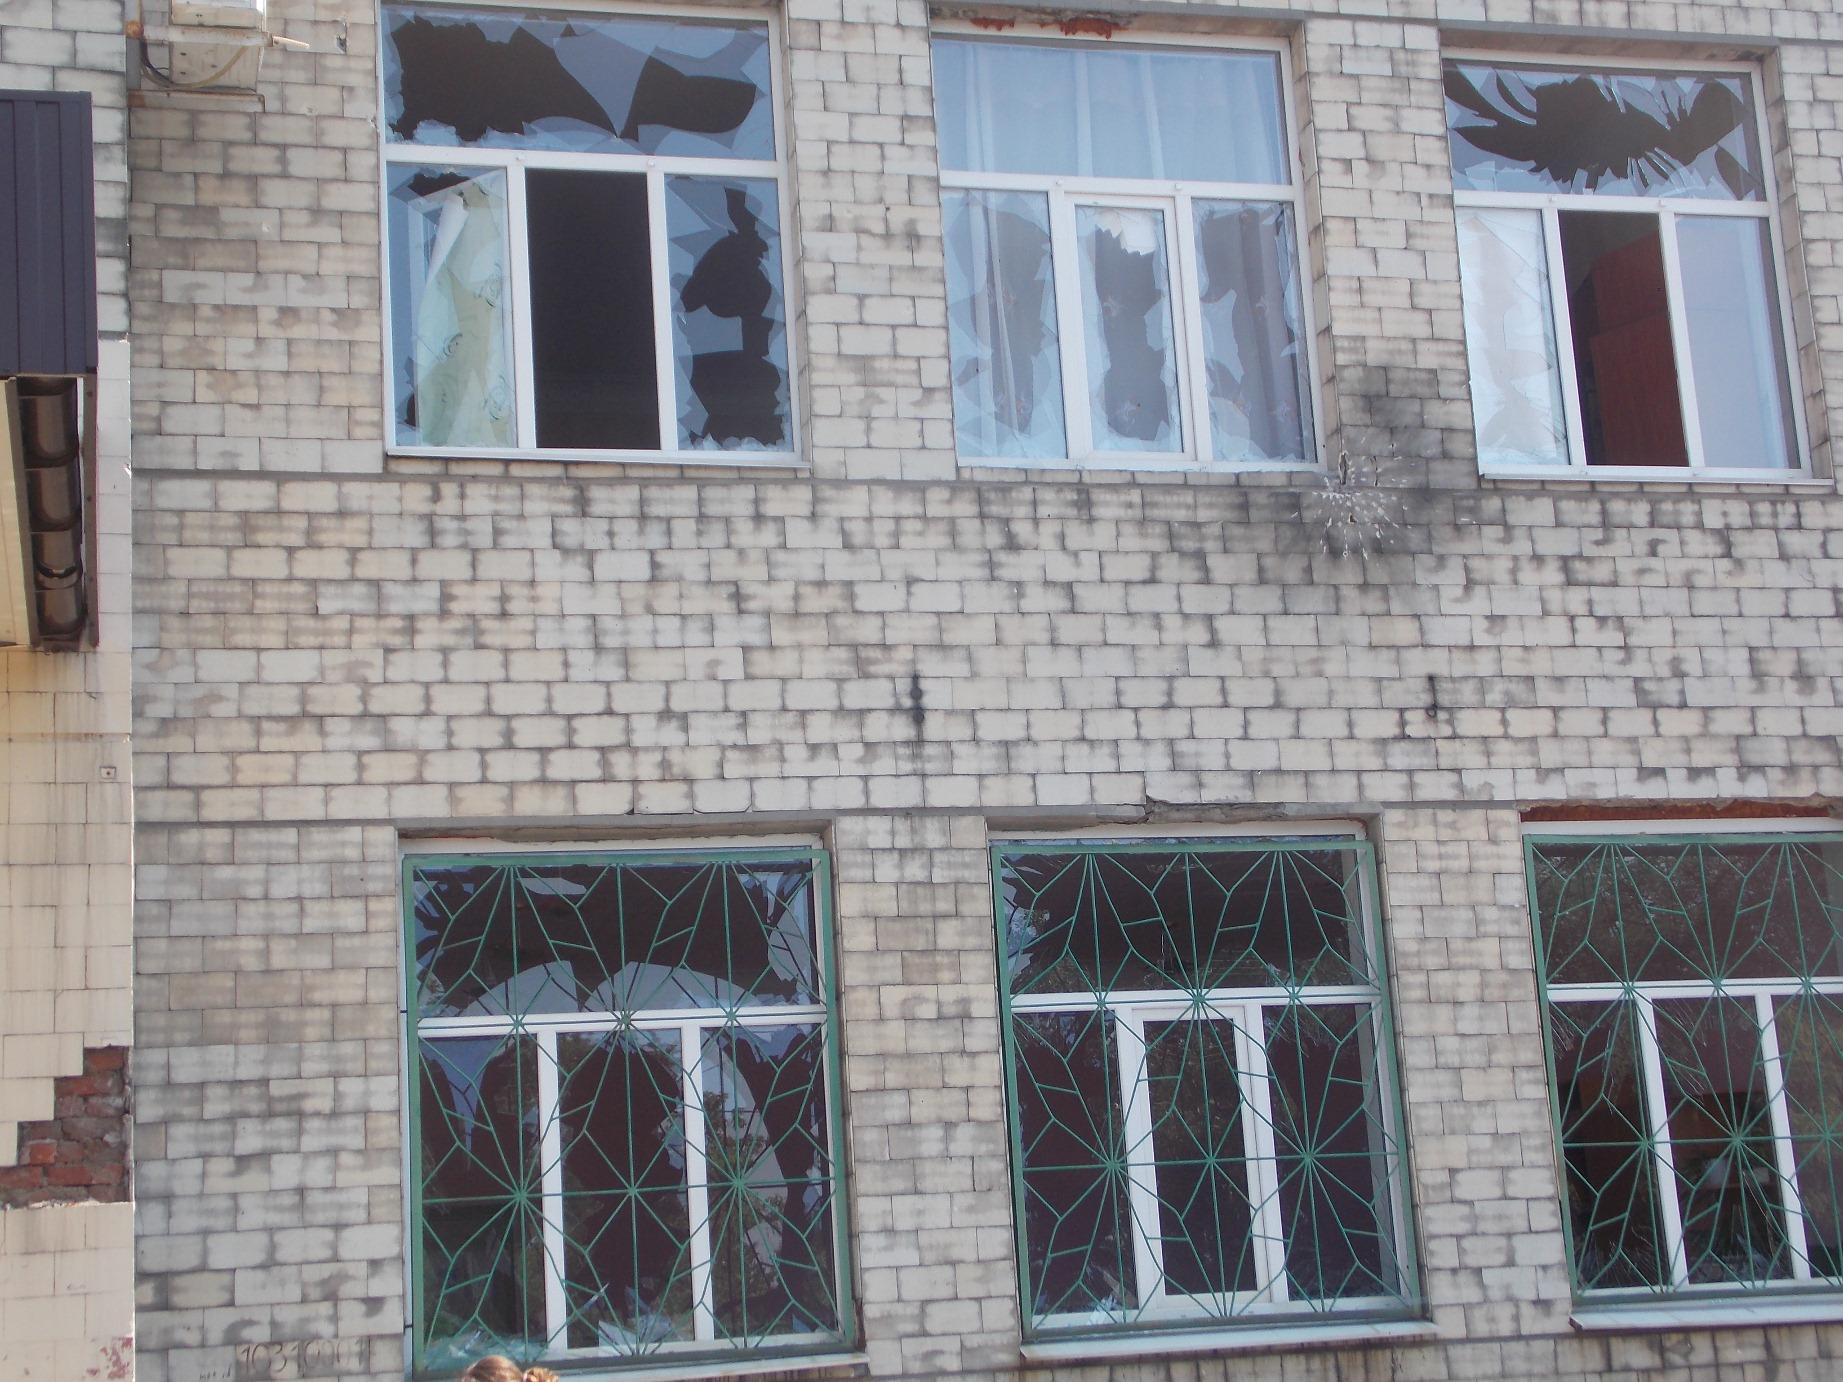 образец акта на разбитое окно